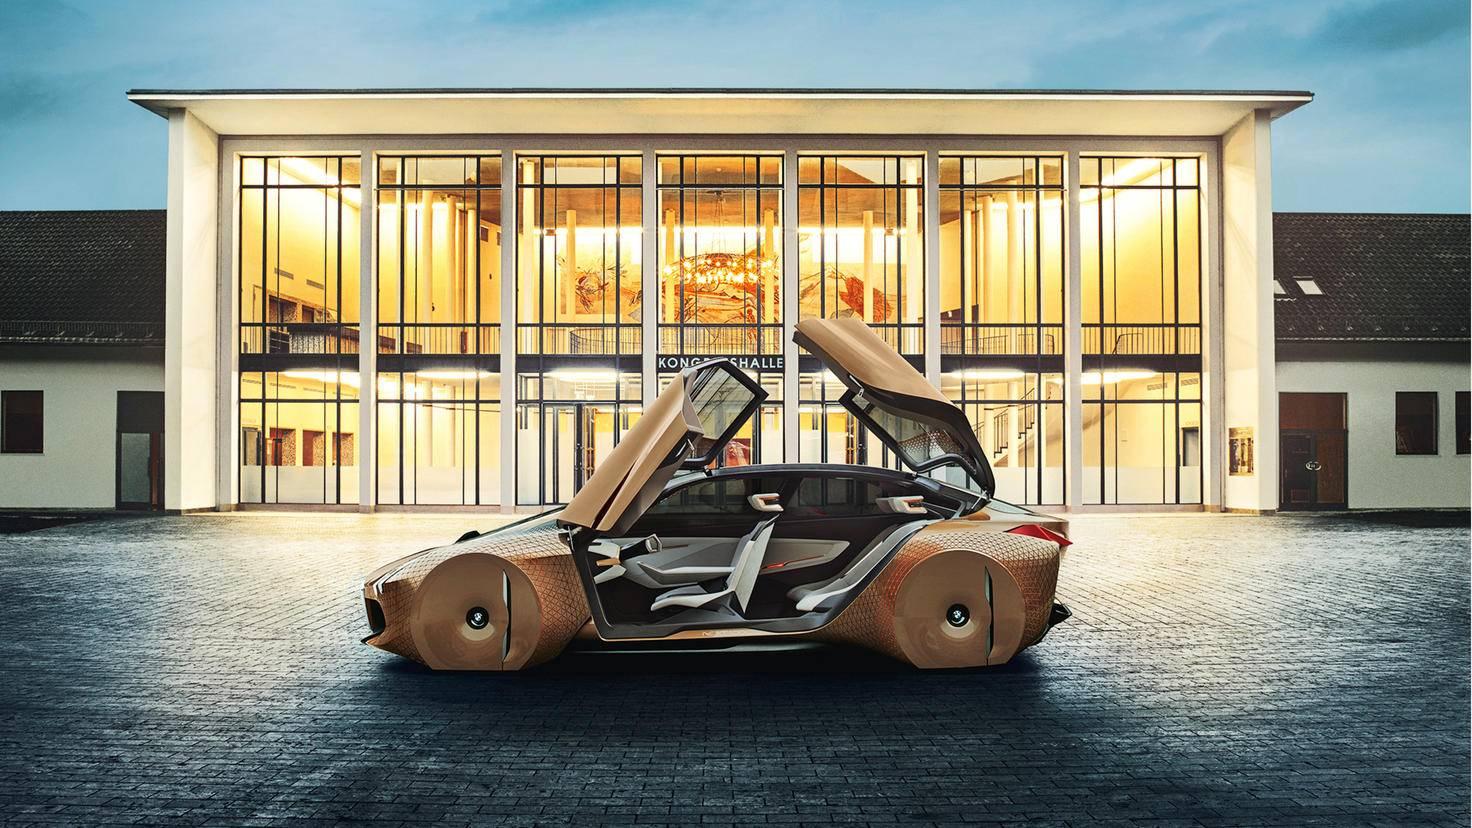 """Schicker Schlitten: Der BMW VISION NEXT 100 erinnert an das Auto aus dem Scifi-Film """"I, Robot"""". Schon in den nächsten 30 Jahren könnte er durch die Straßen rollen."""